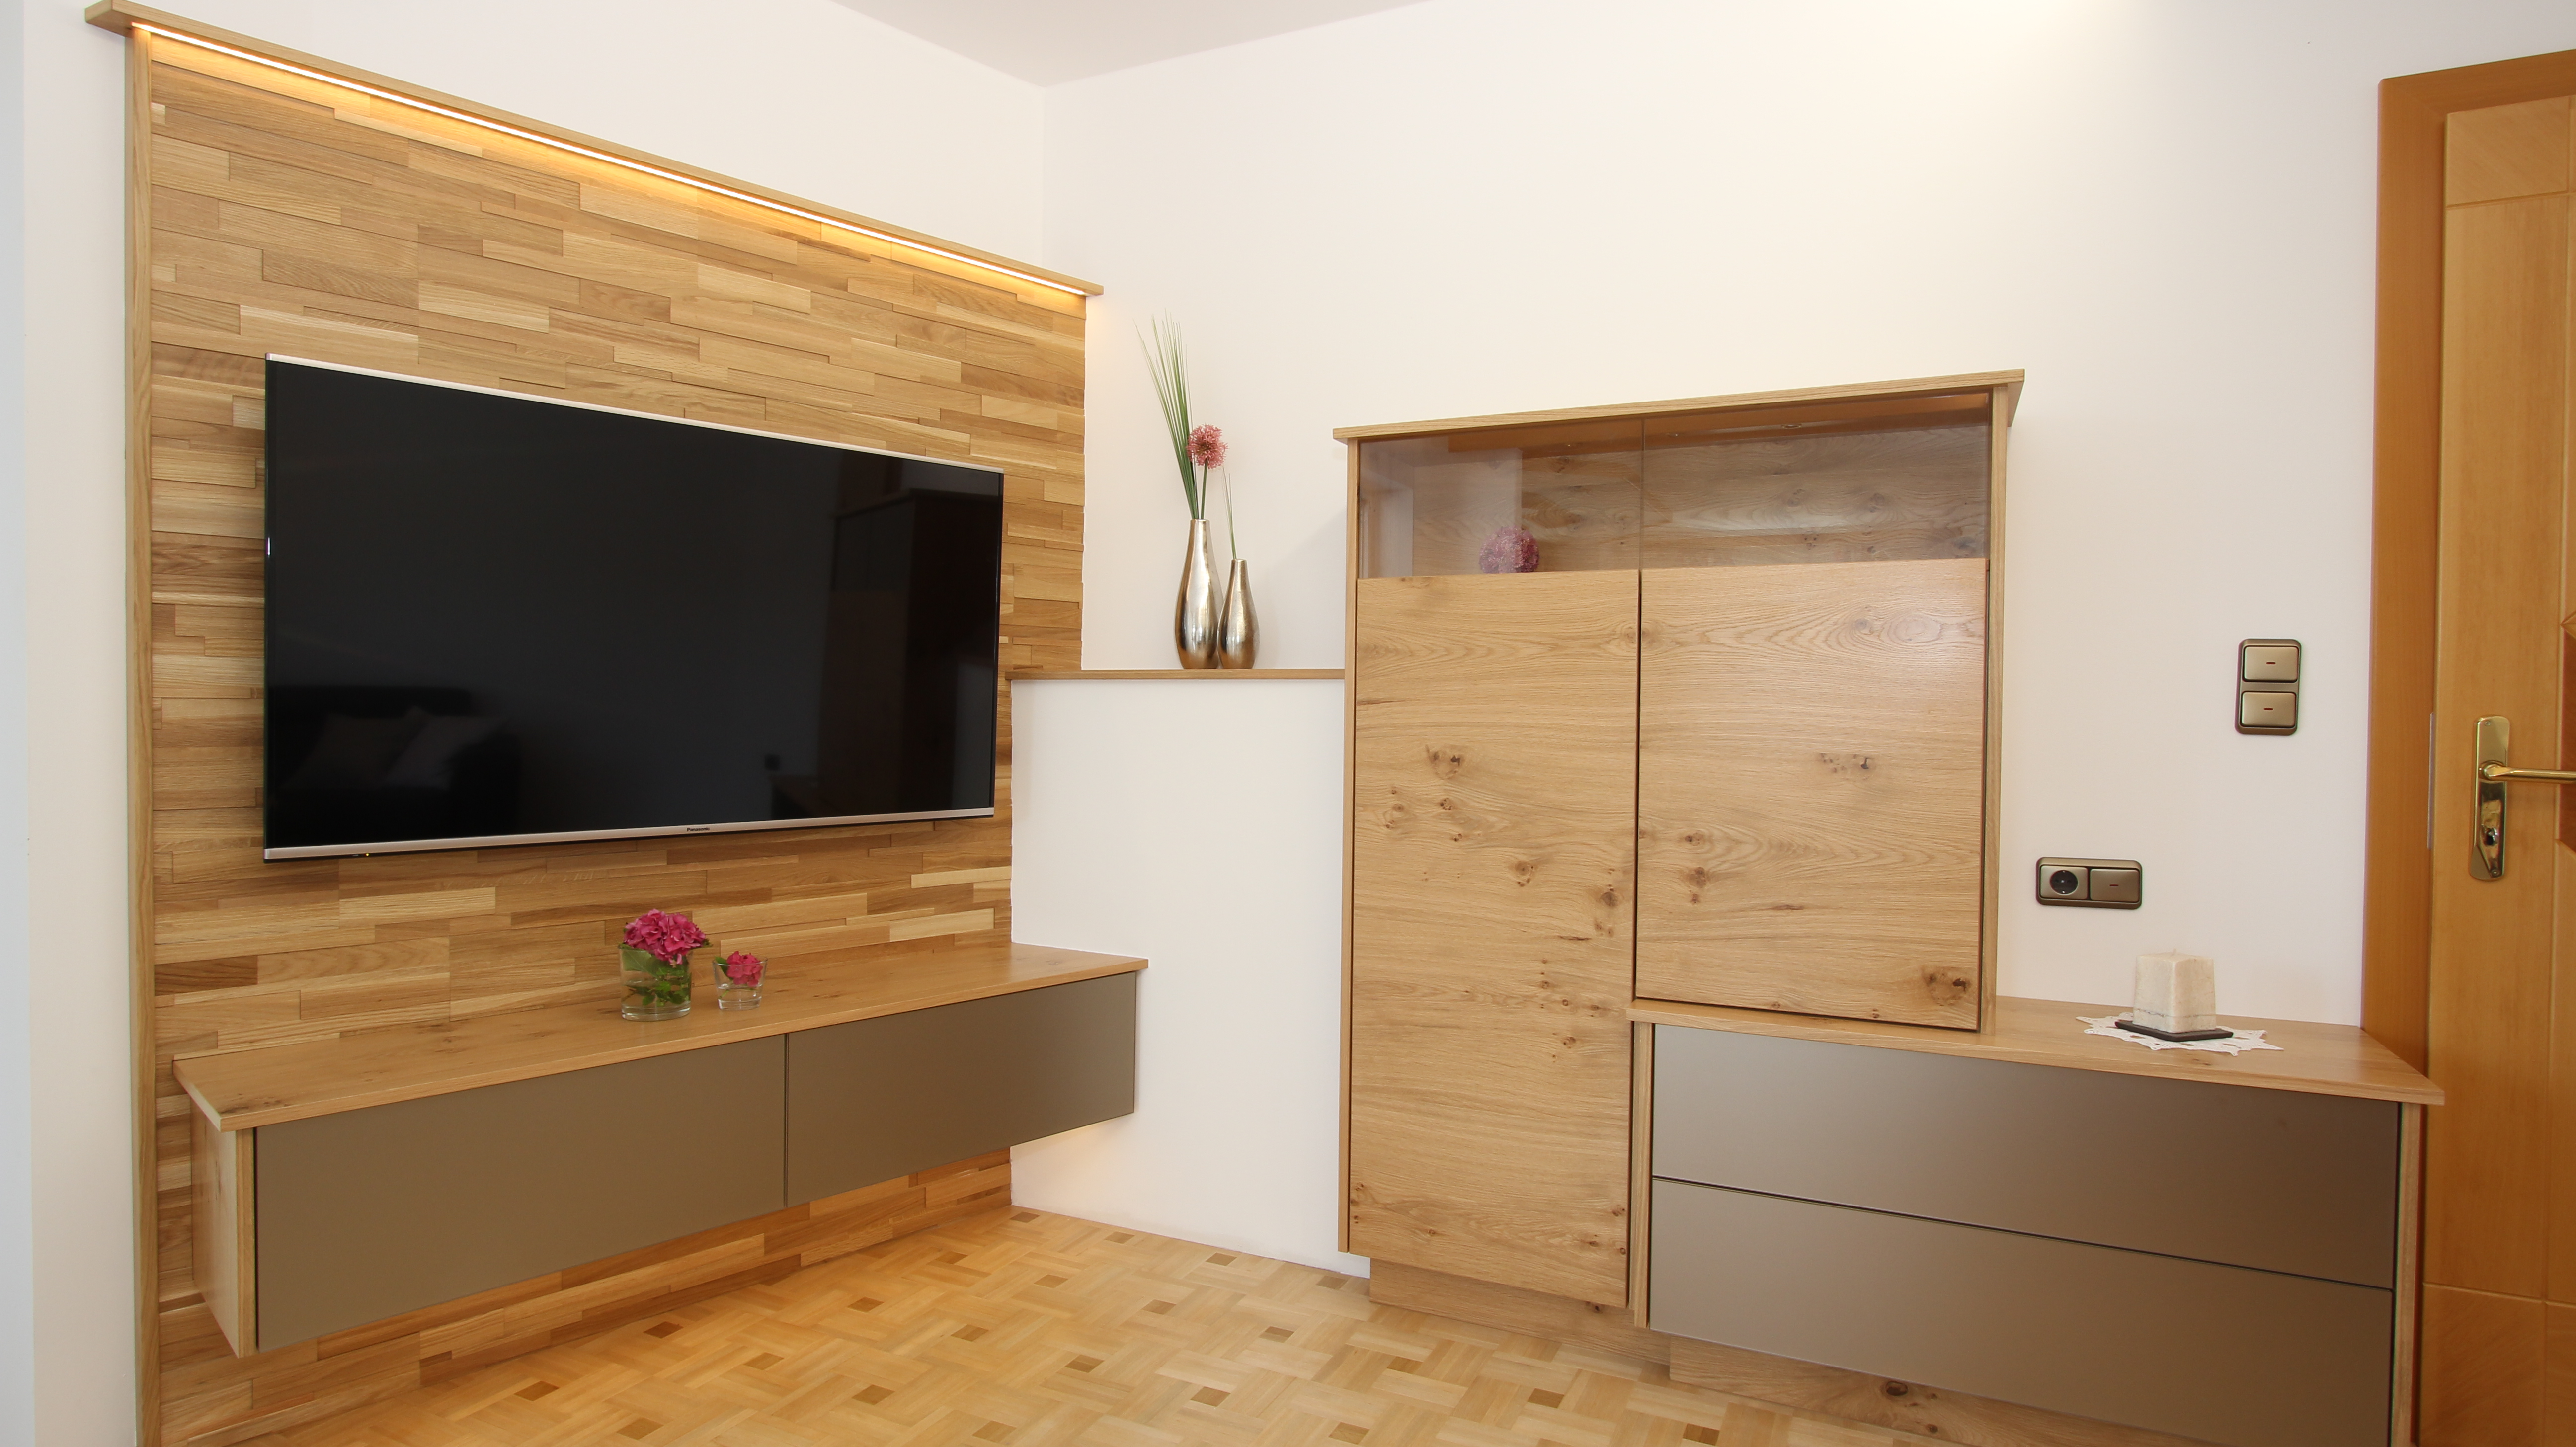 Design Wohnzimmer Steyr - Tischlerei Listberger